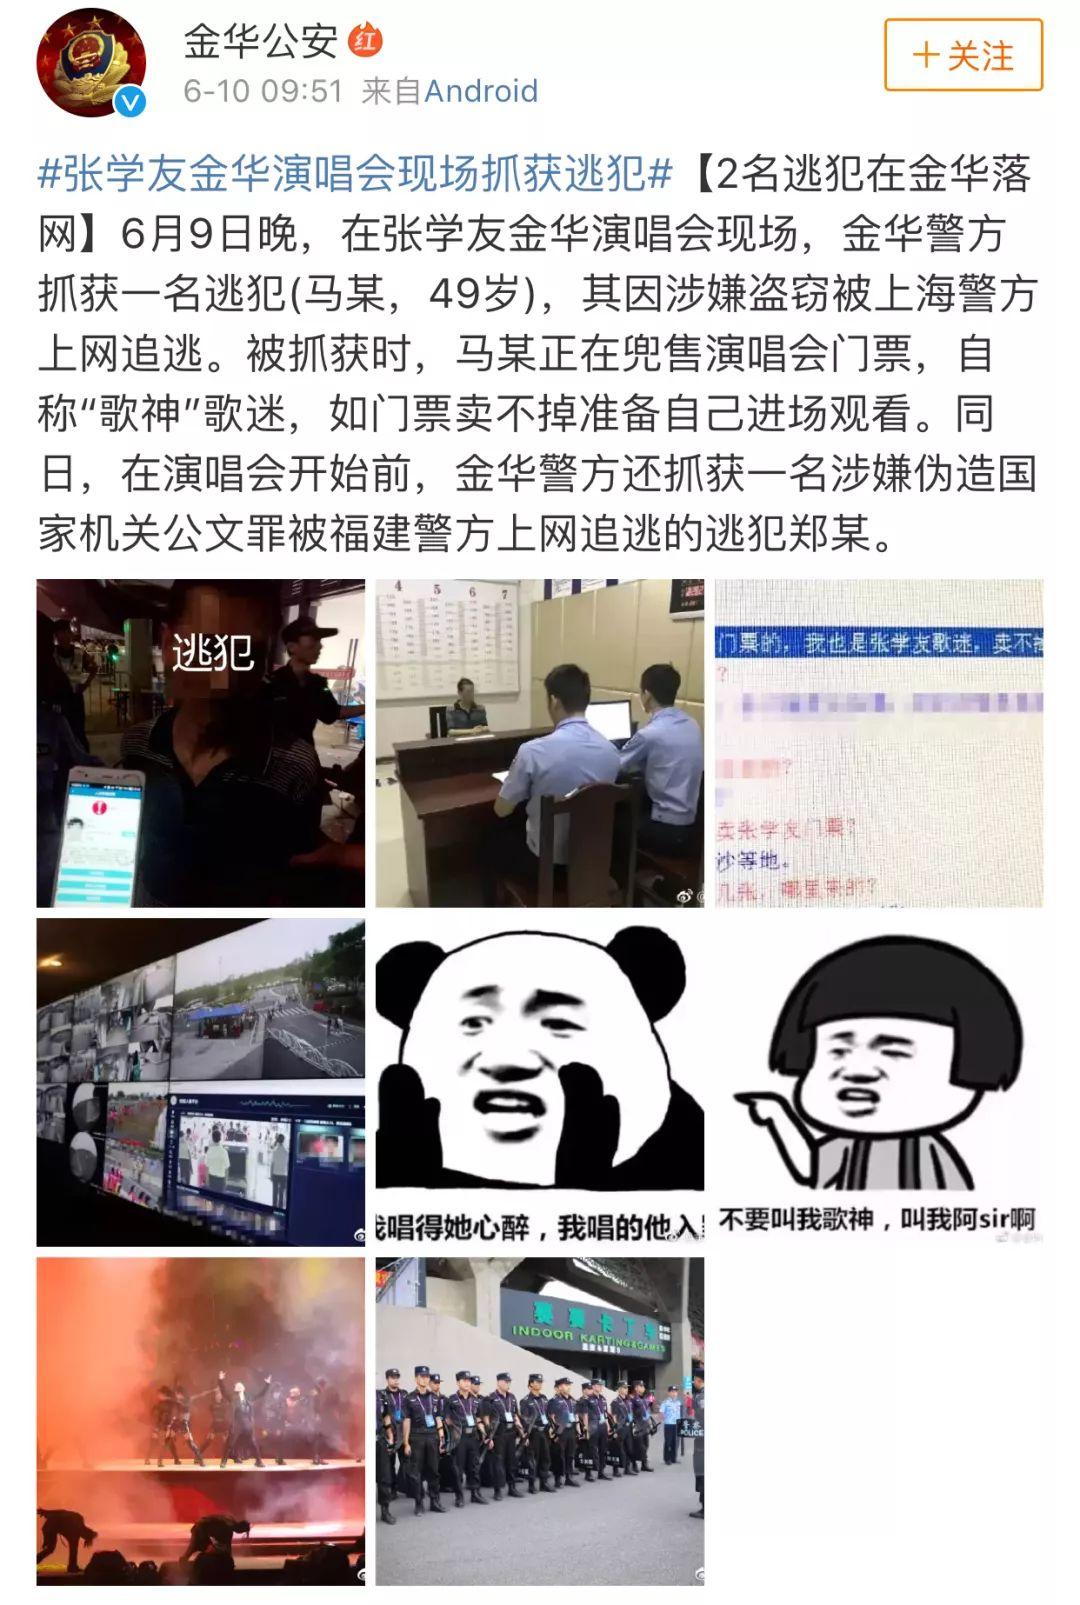 金华公安微博截图